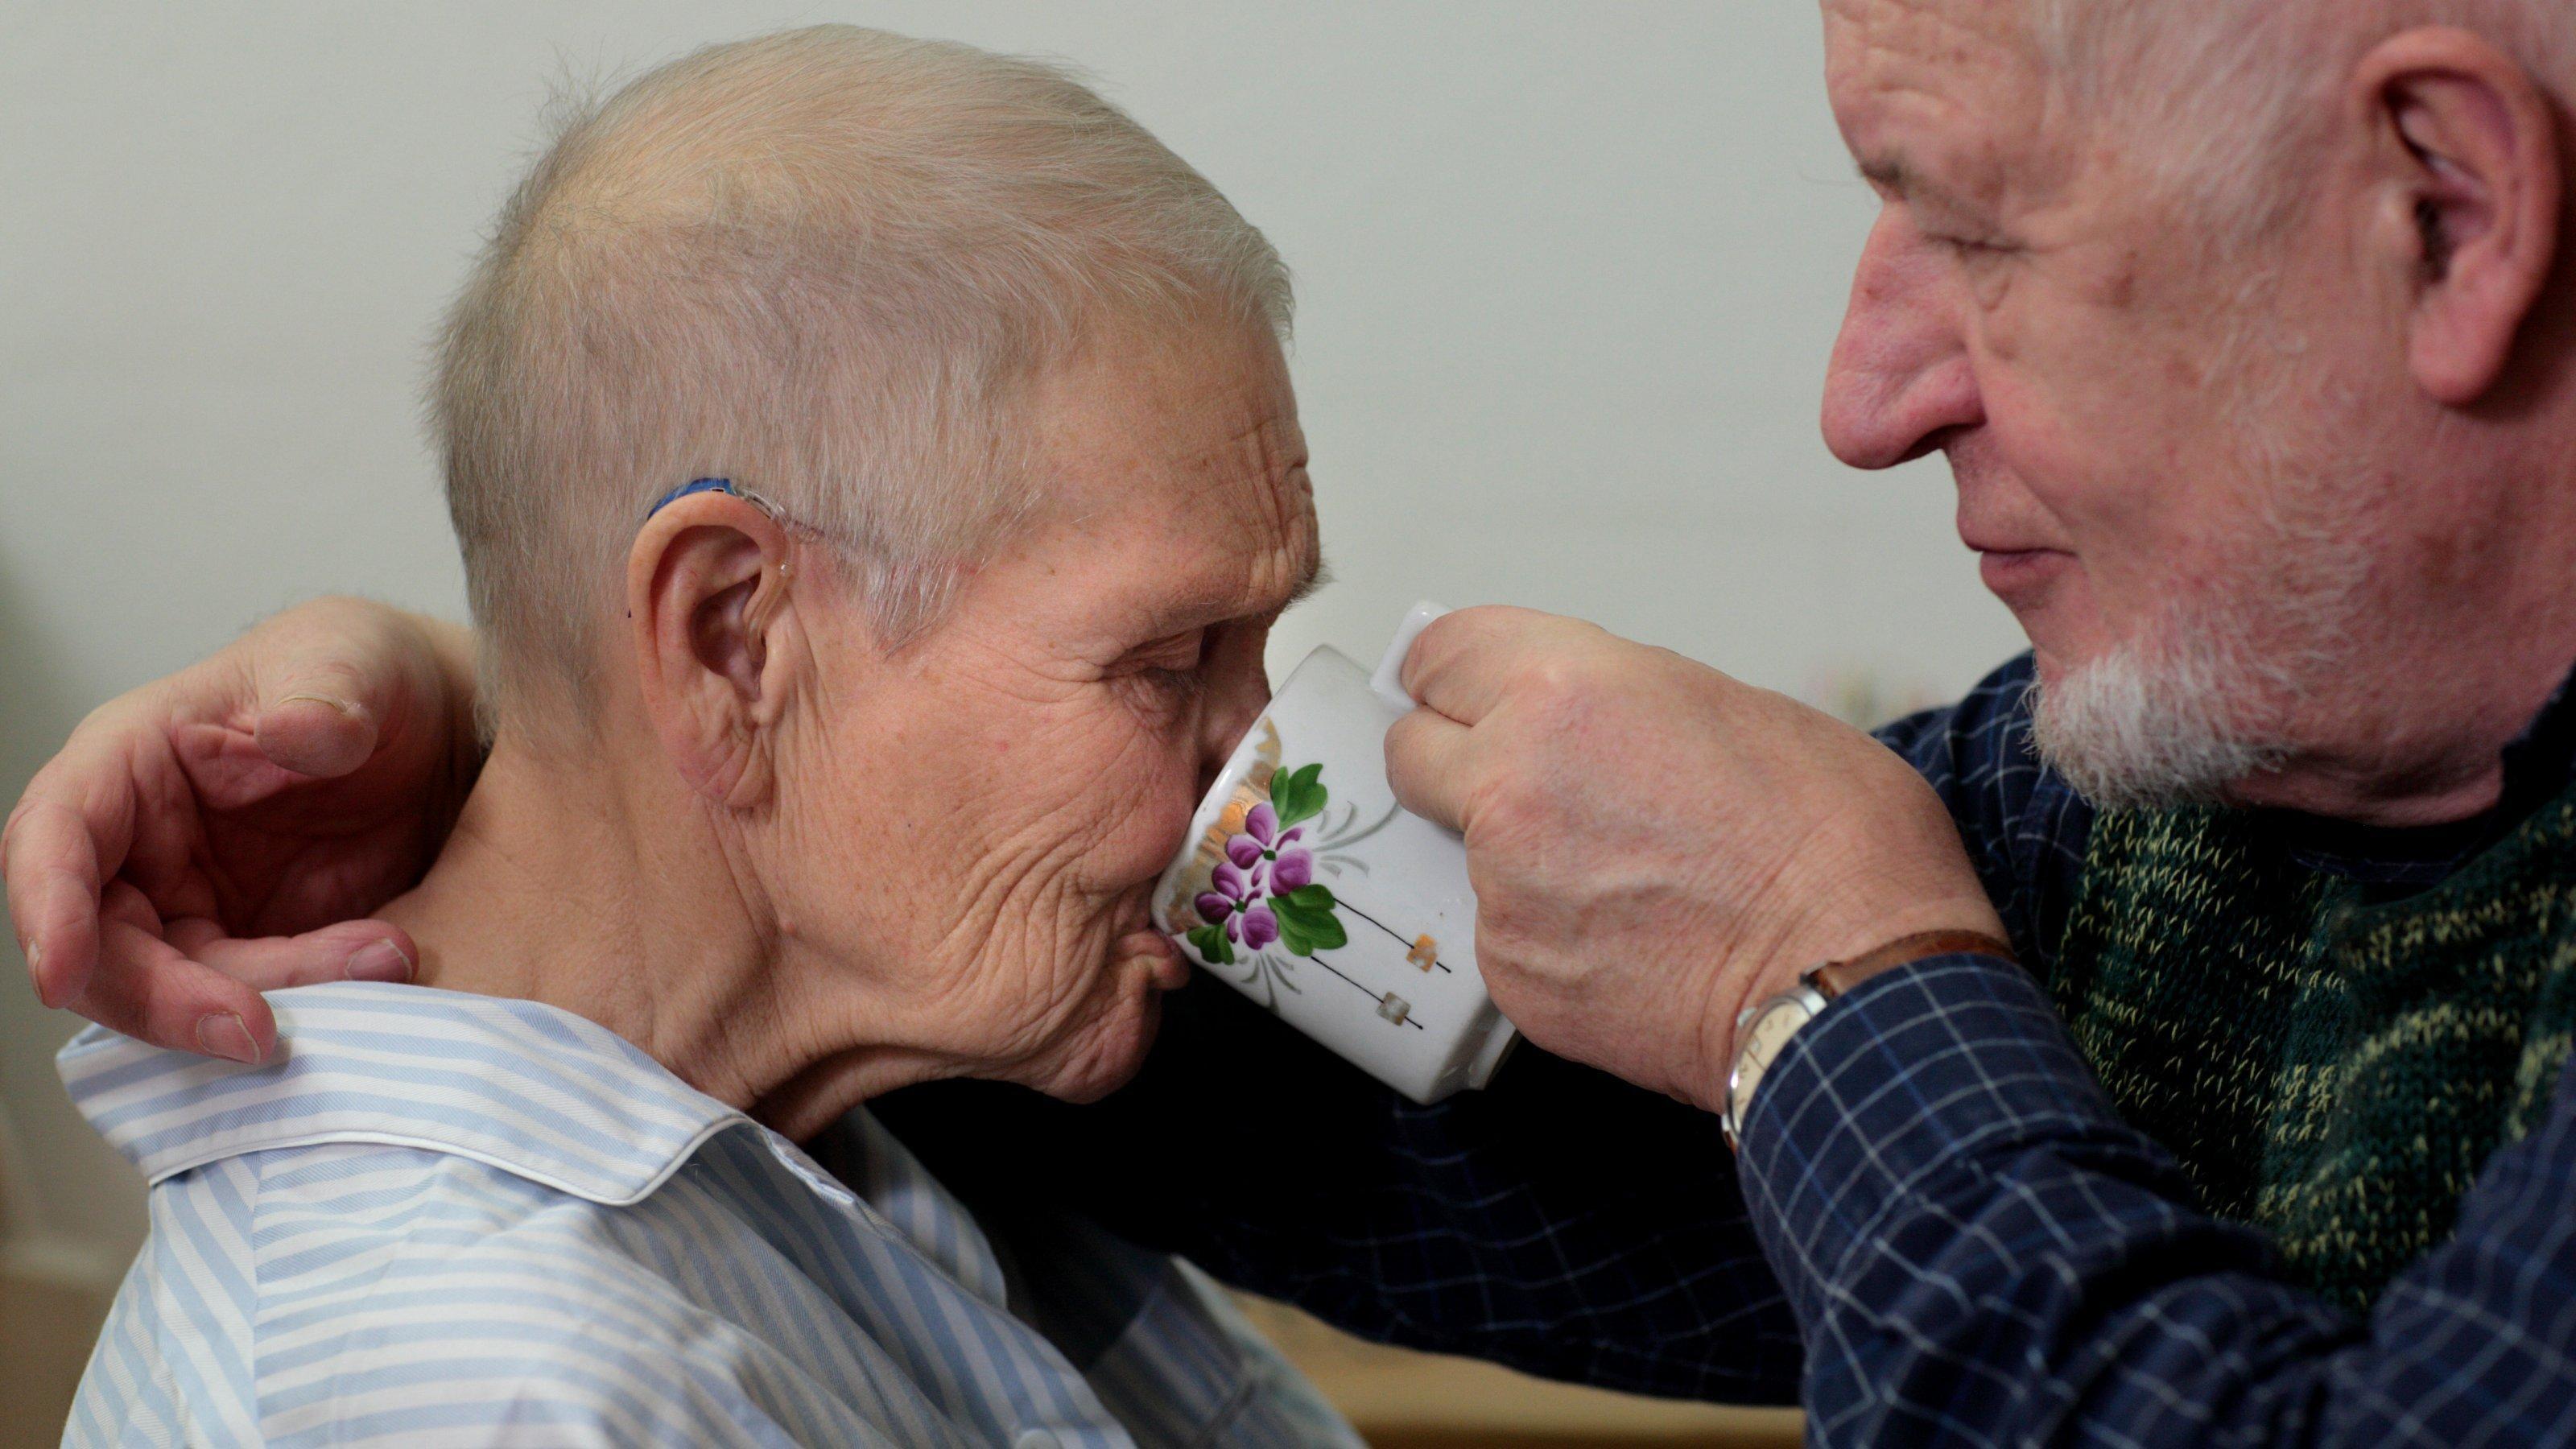 Ein alter Mann hilft seiner Frau beim Trinken, 80Prozent der Pflegebedürftigen werden von Angehörigen versorgt.